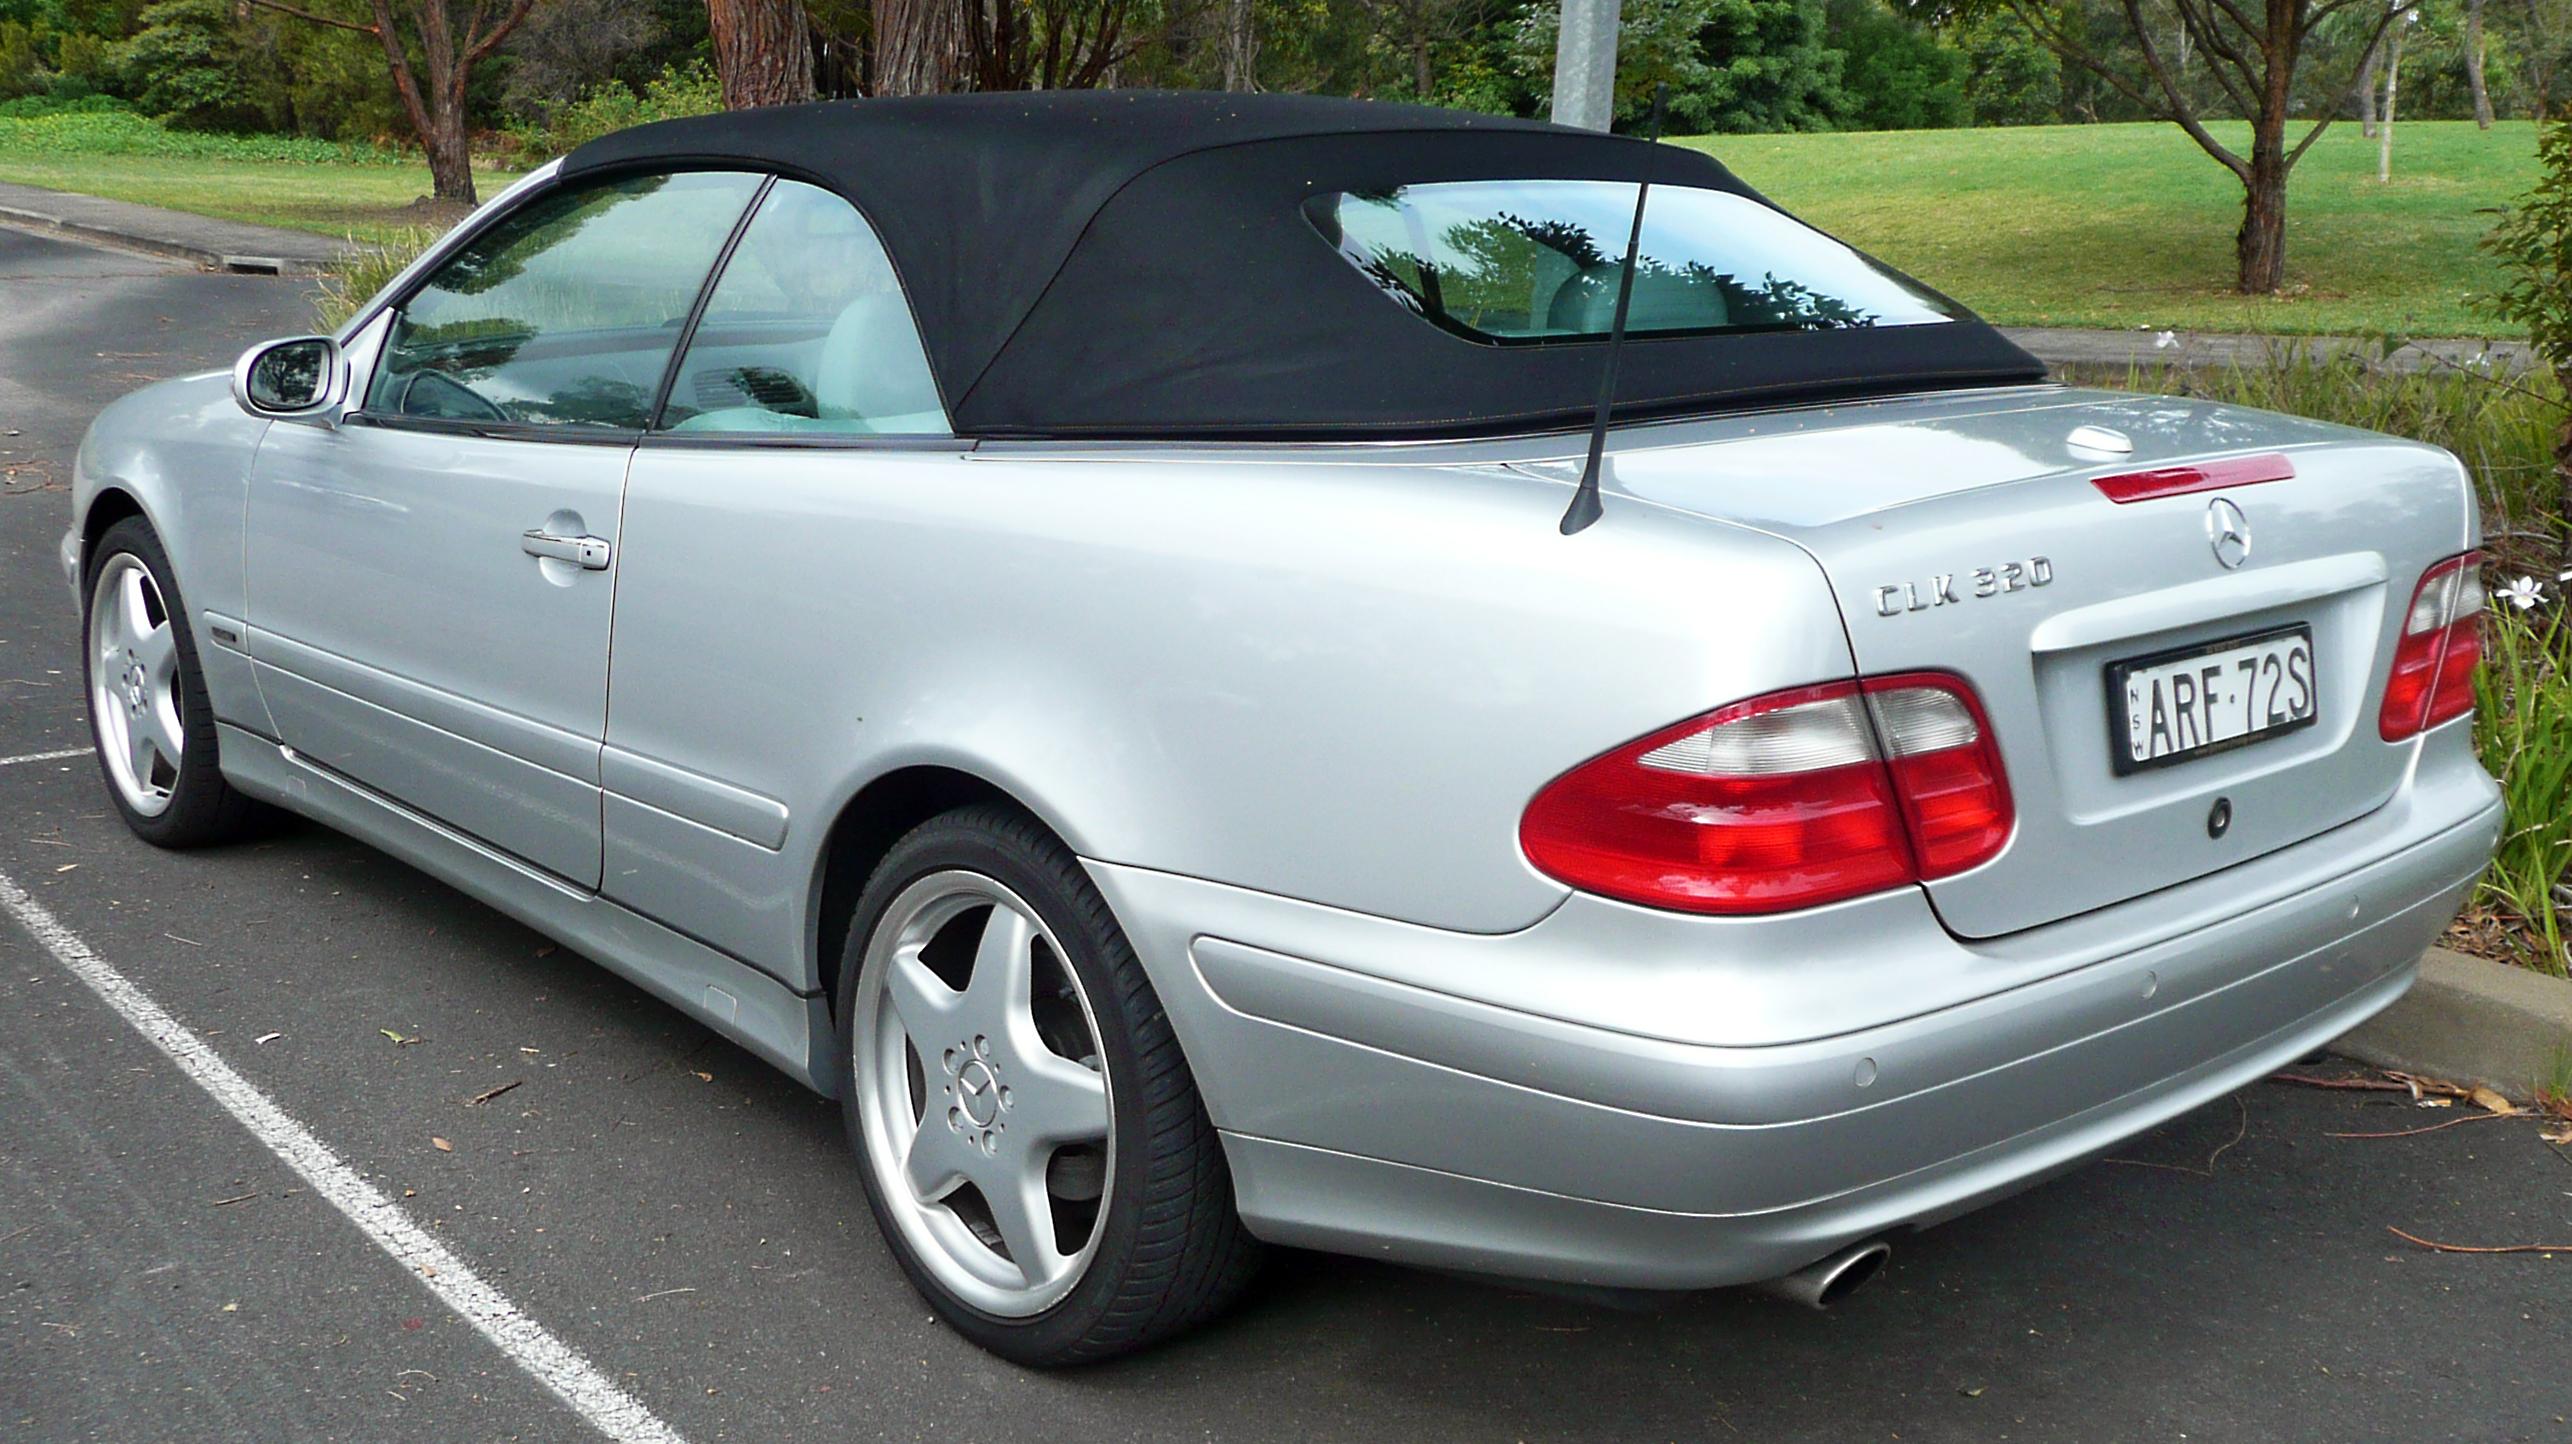 Mercedes Benz Clk A208 Cabriolet moreover 13599786 further CLK Klasse moreover 2000 Mercedes Benz Clk Class also 1988 Civic hatchback. on 2000 mercedes clk 430 cabriolet